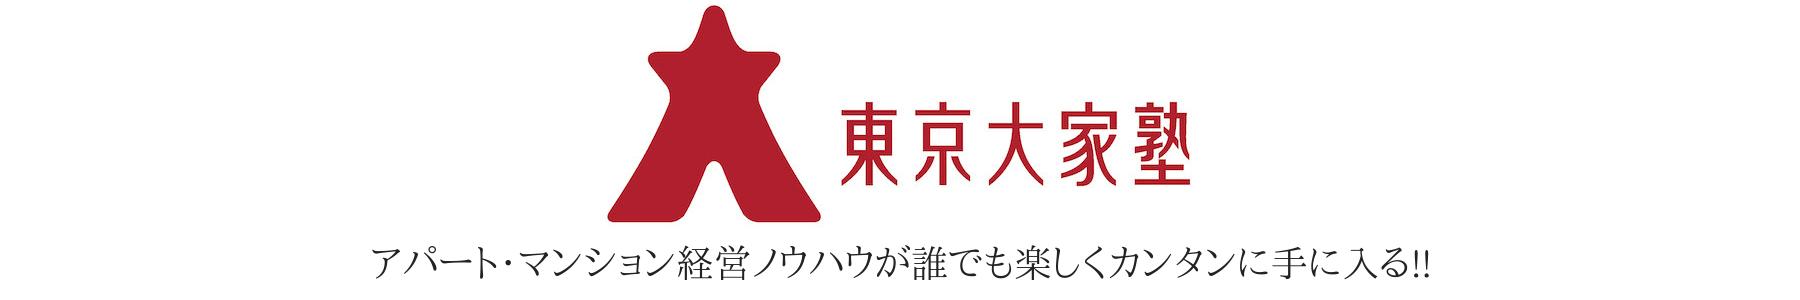 東京大家塾